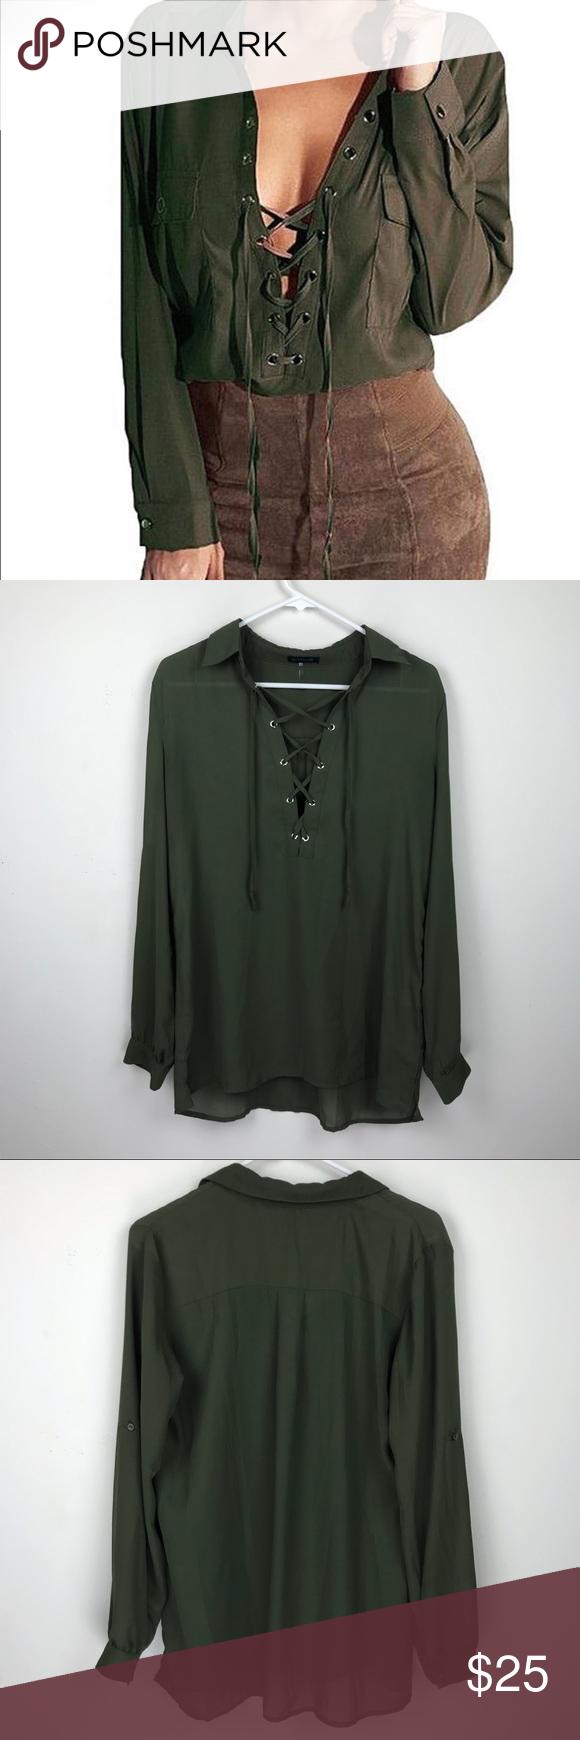 b86110906c Sexy · Sheer Chiffon · Olive Lace Up Chiffon Long Sleeve Blouse Sz. L Lace  Up Chiffon Long Sleeve Blouse